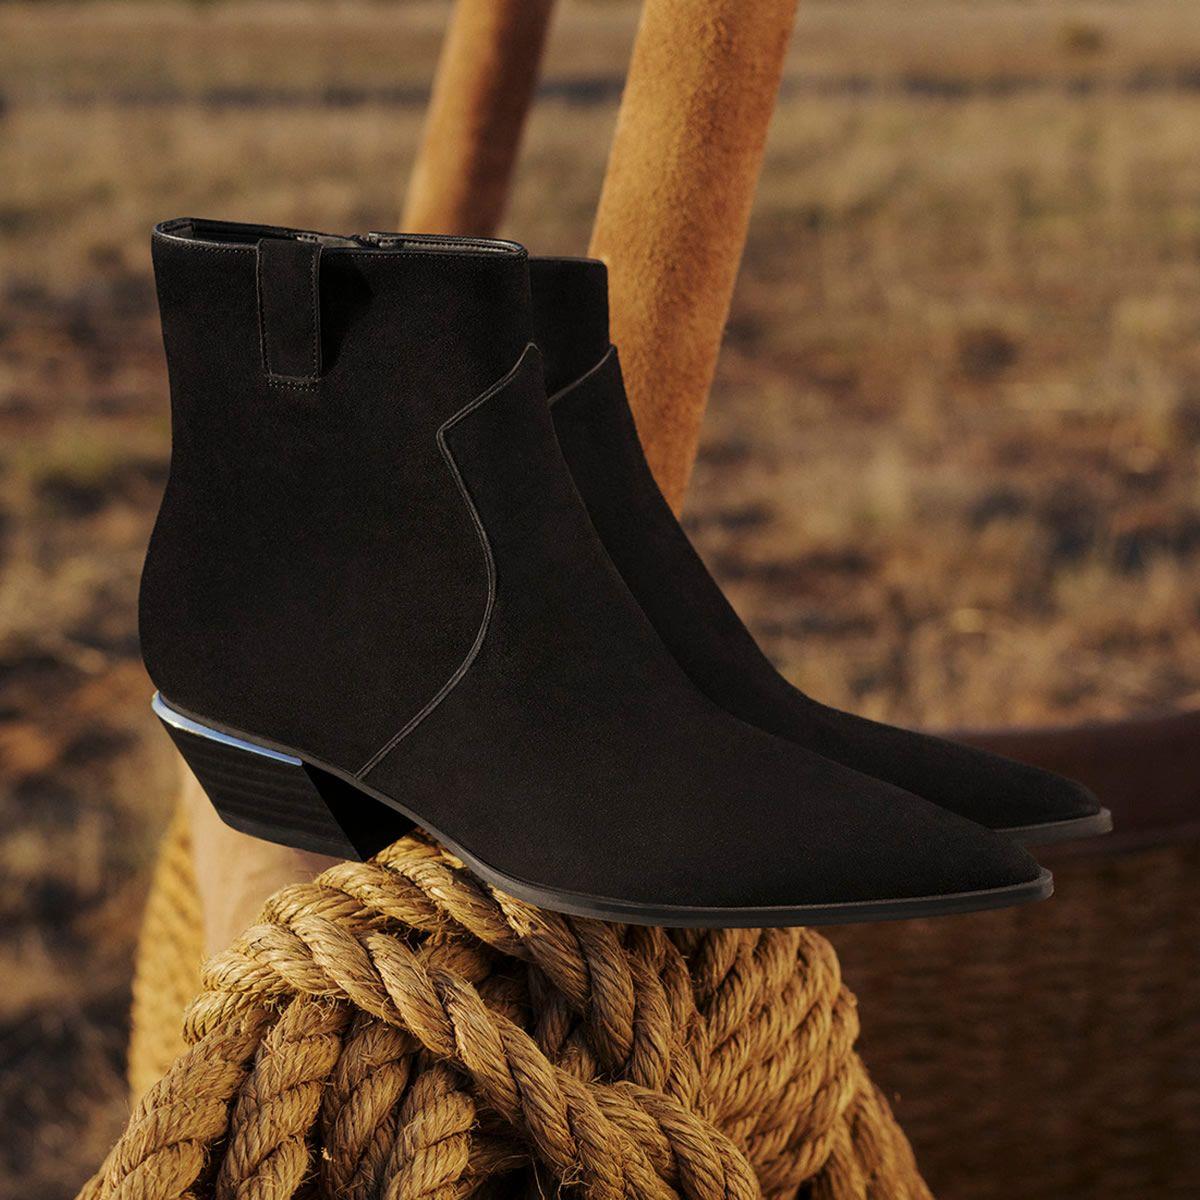 5f20818d144b3e Calvin Klein Womens Shoes - Macy's